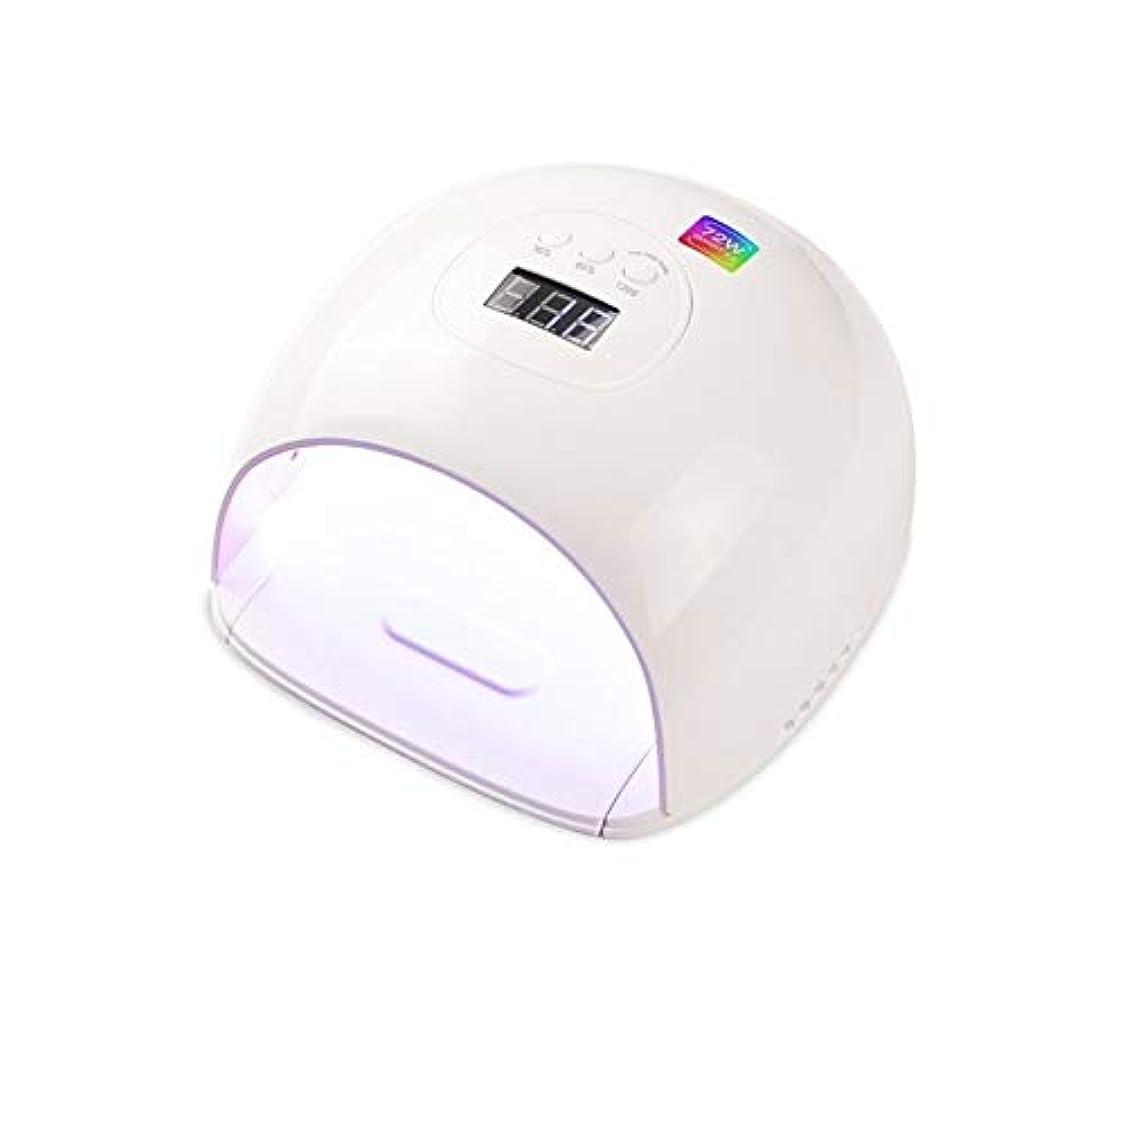 価値エンディングブランド名LittleCat UV / LEDランプスマートセンサネイルUVランプ電力72Wプラスチックポーランドドライヤー (色 : European standard circular plug)